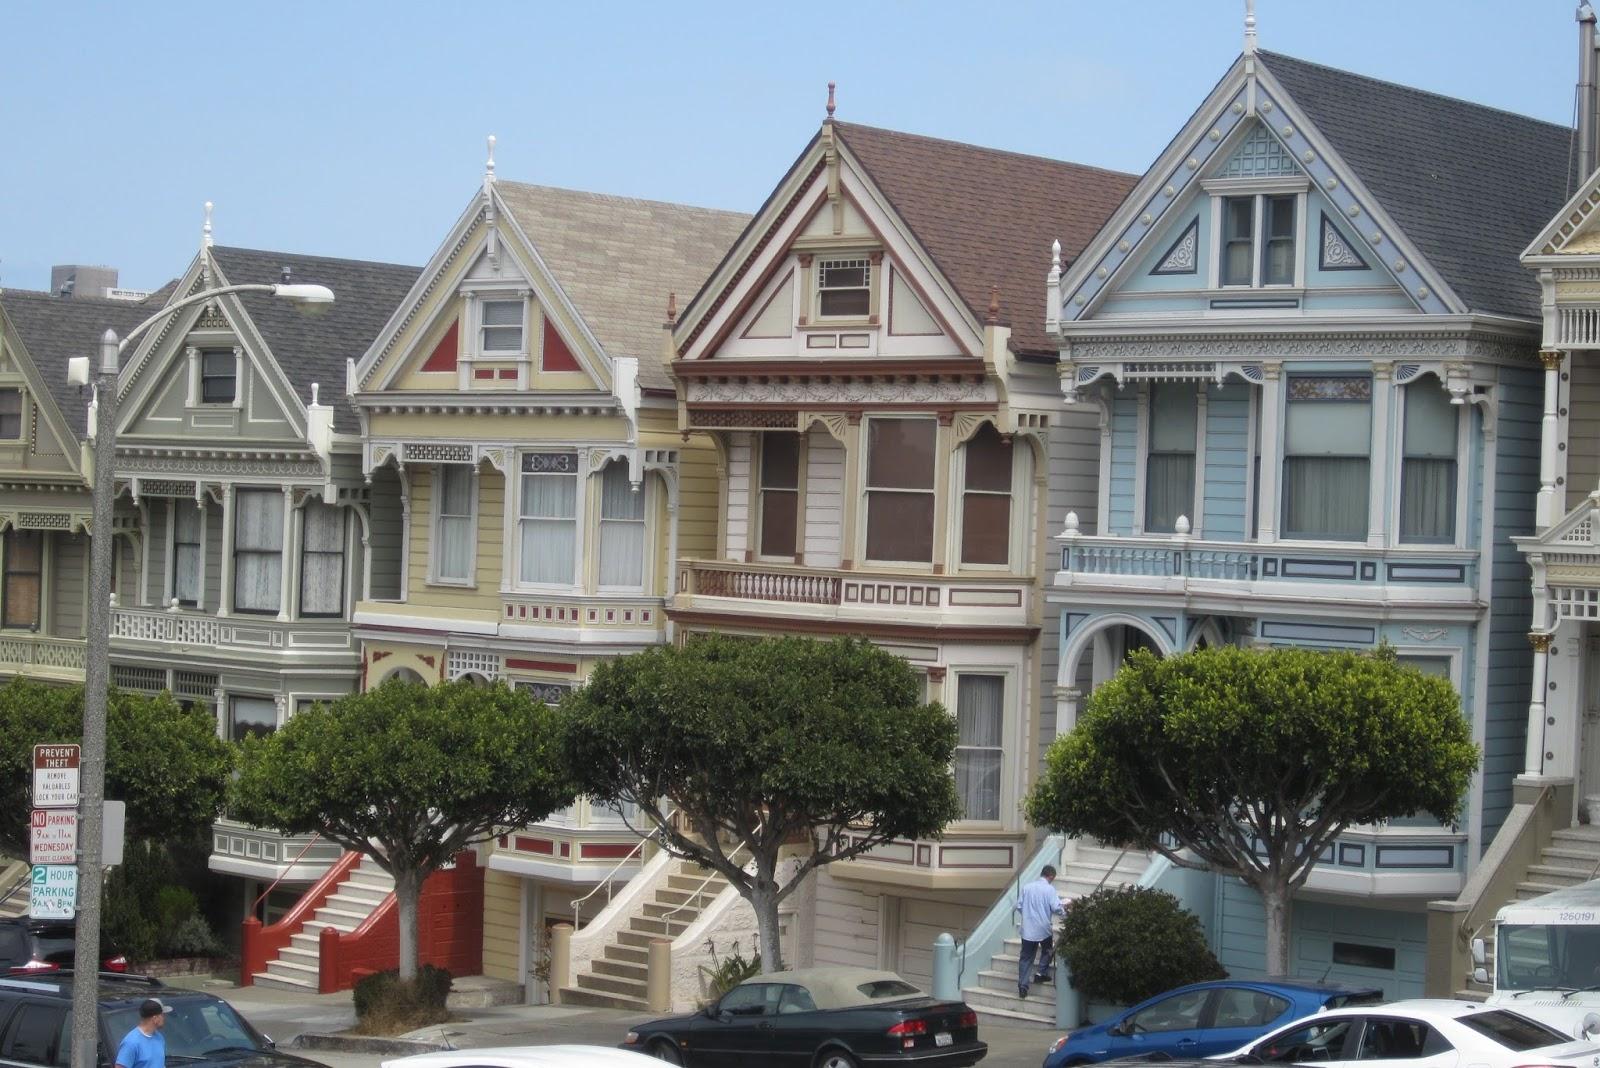 Painted Ladies Gingerbread Houses